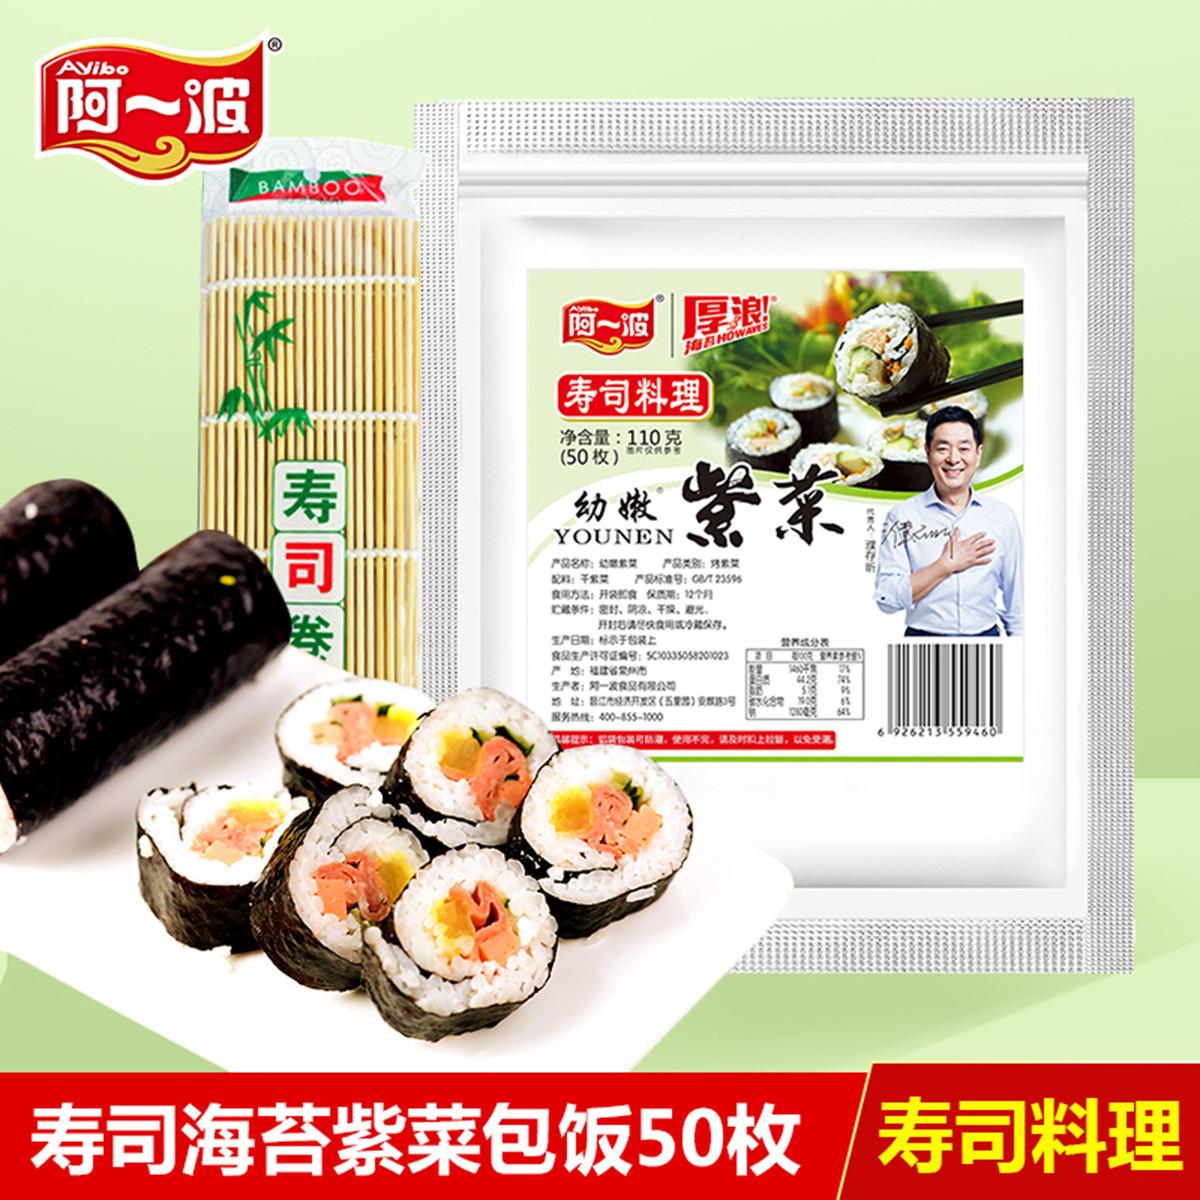 阿一波阿一波寿司海苔50张寿司紫菜包饭寿司材料烤海苔片寿司工具套装COLOR寿司海苔50枚